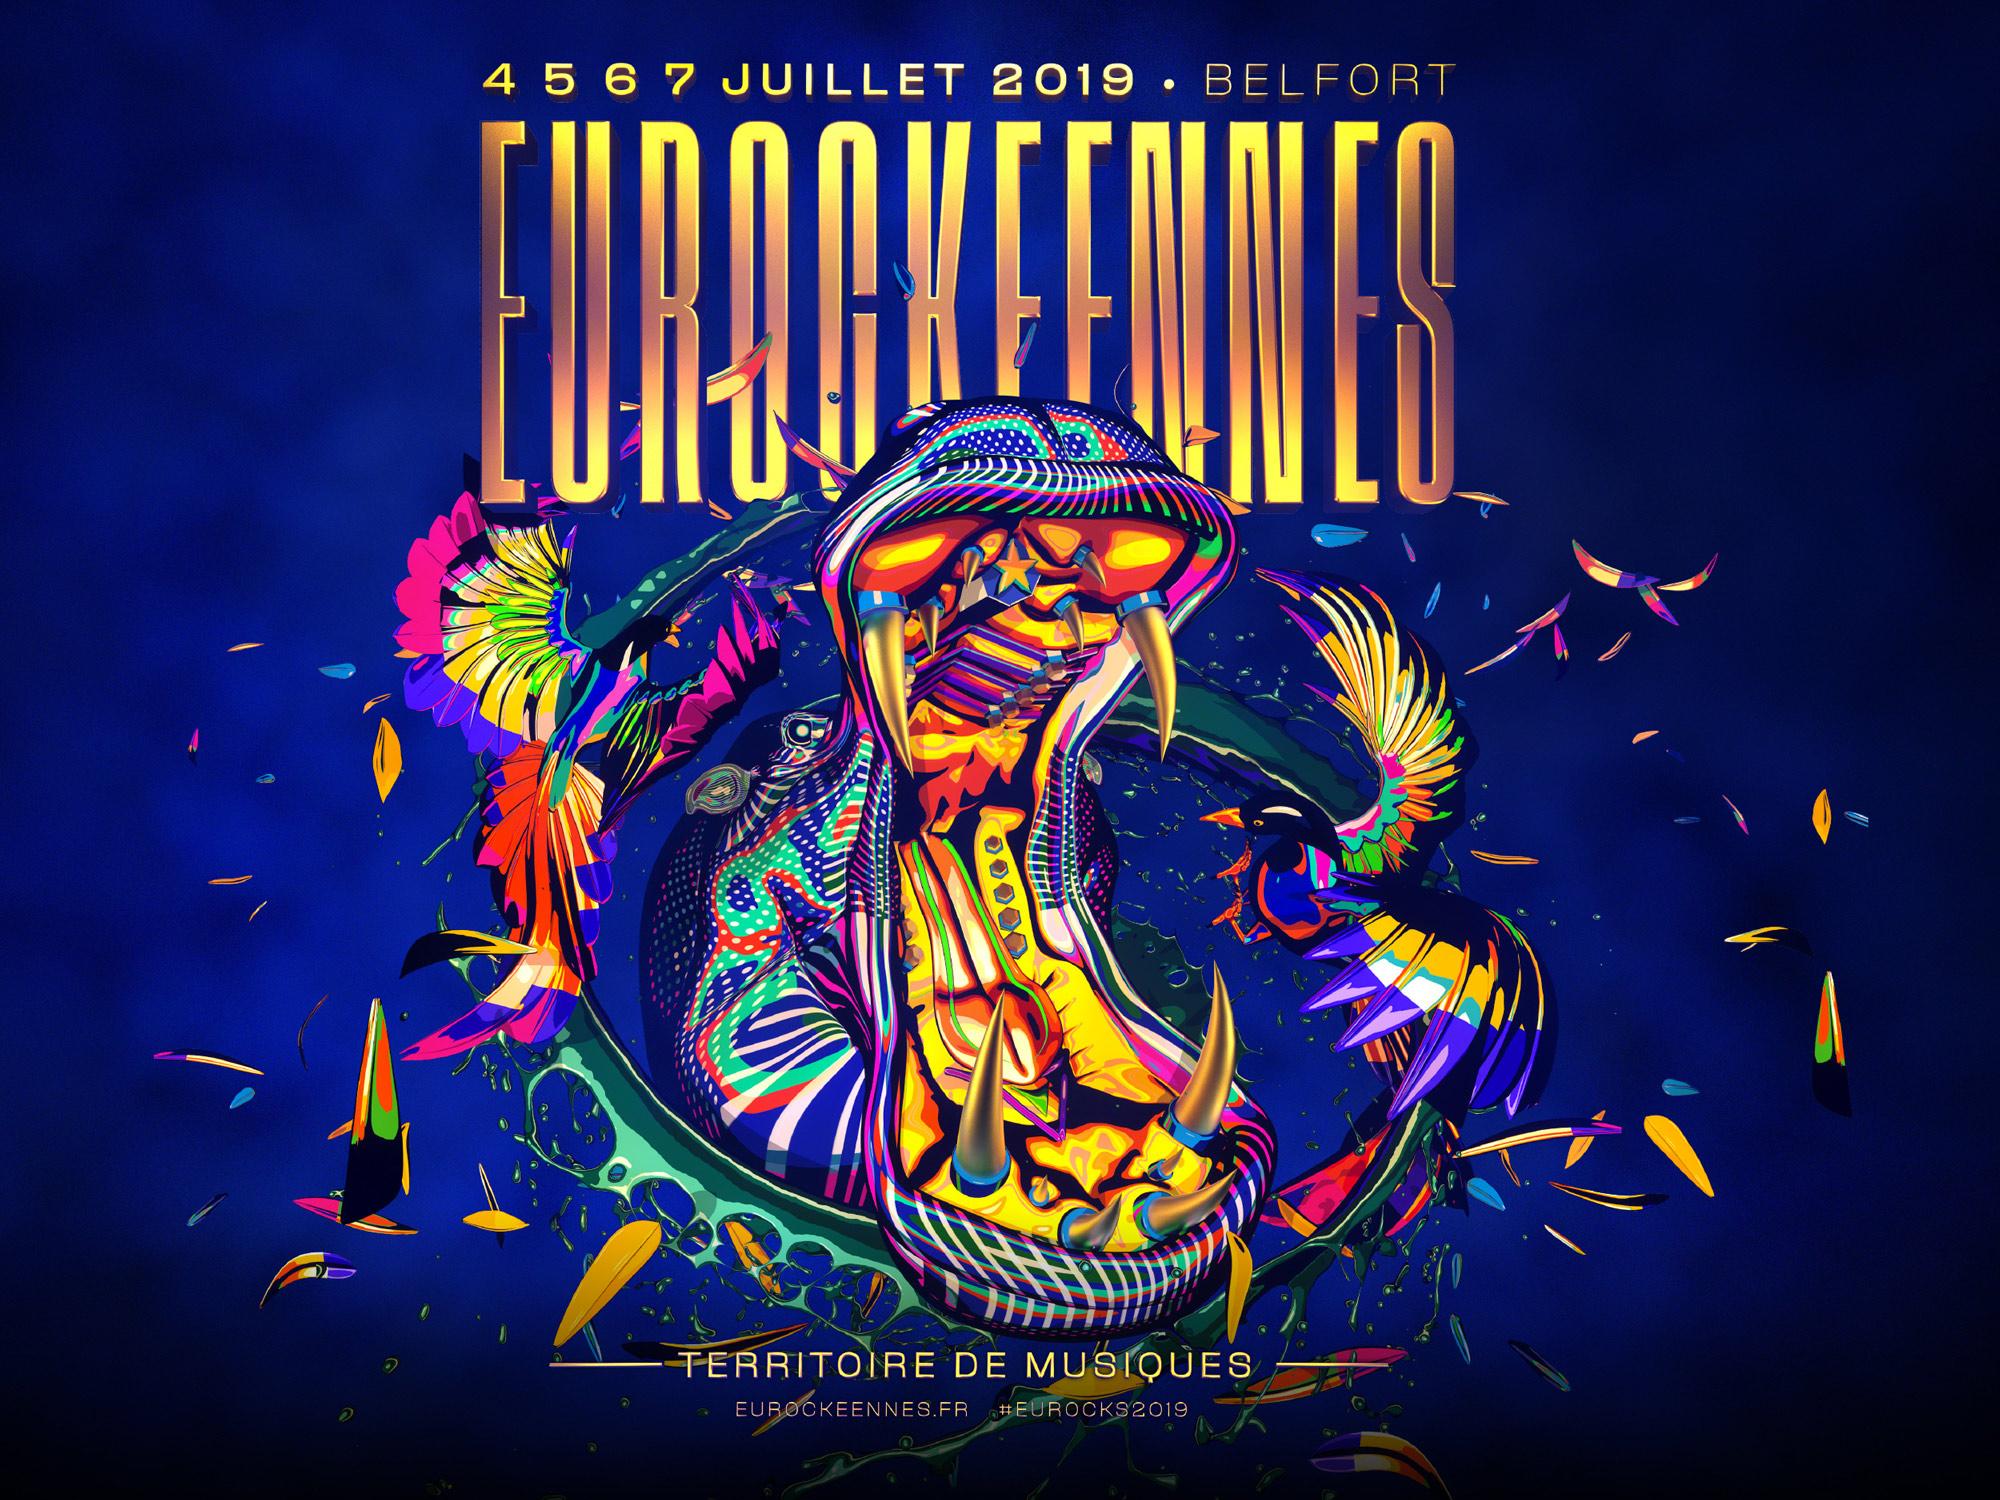 Pass de 4 jours Eurockéennes du 4 au 7 Juillet 2019 à Belfort (Offre de lancement)